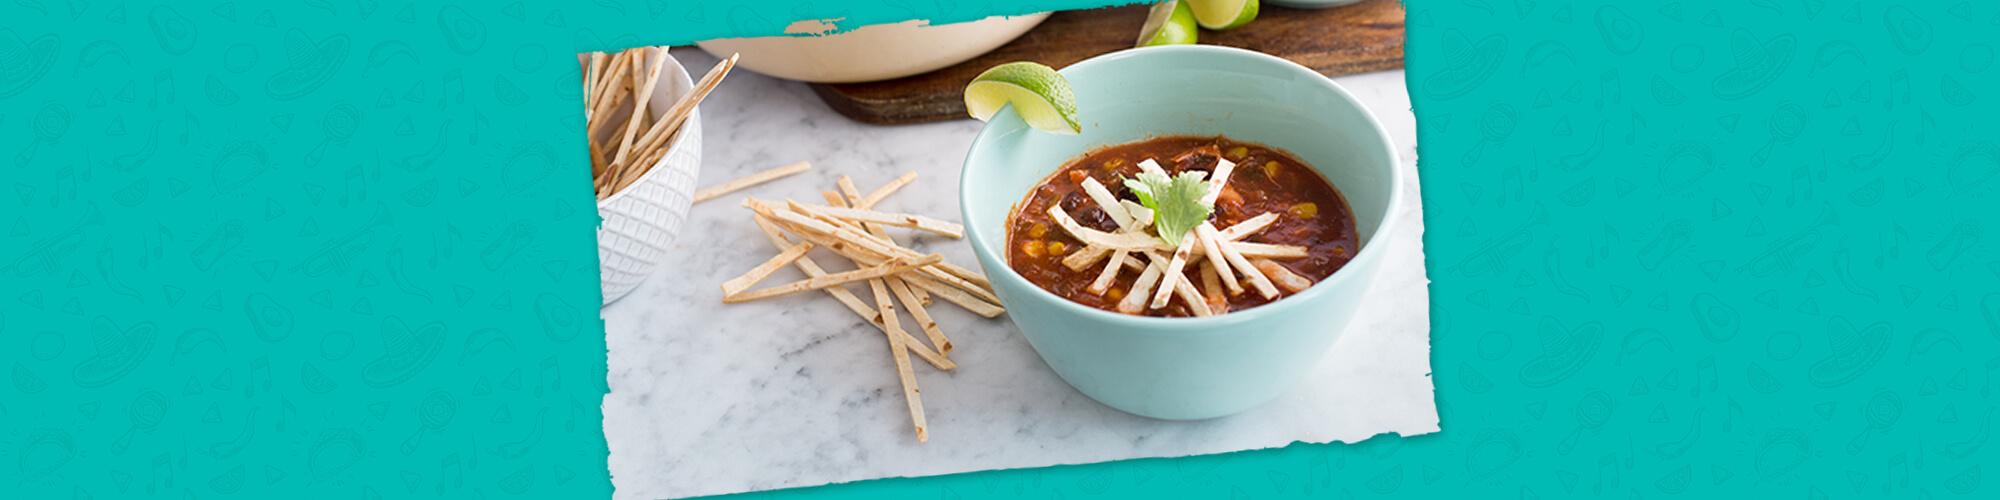 Salsas tortilla soup